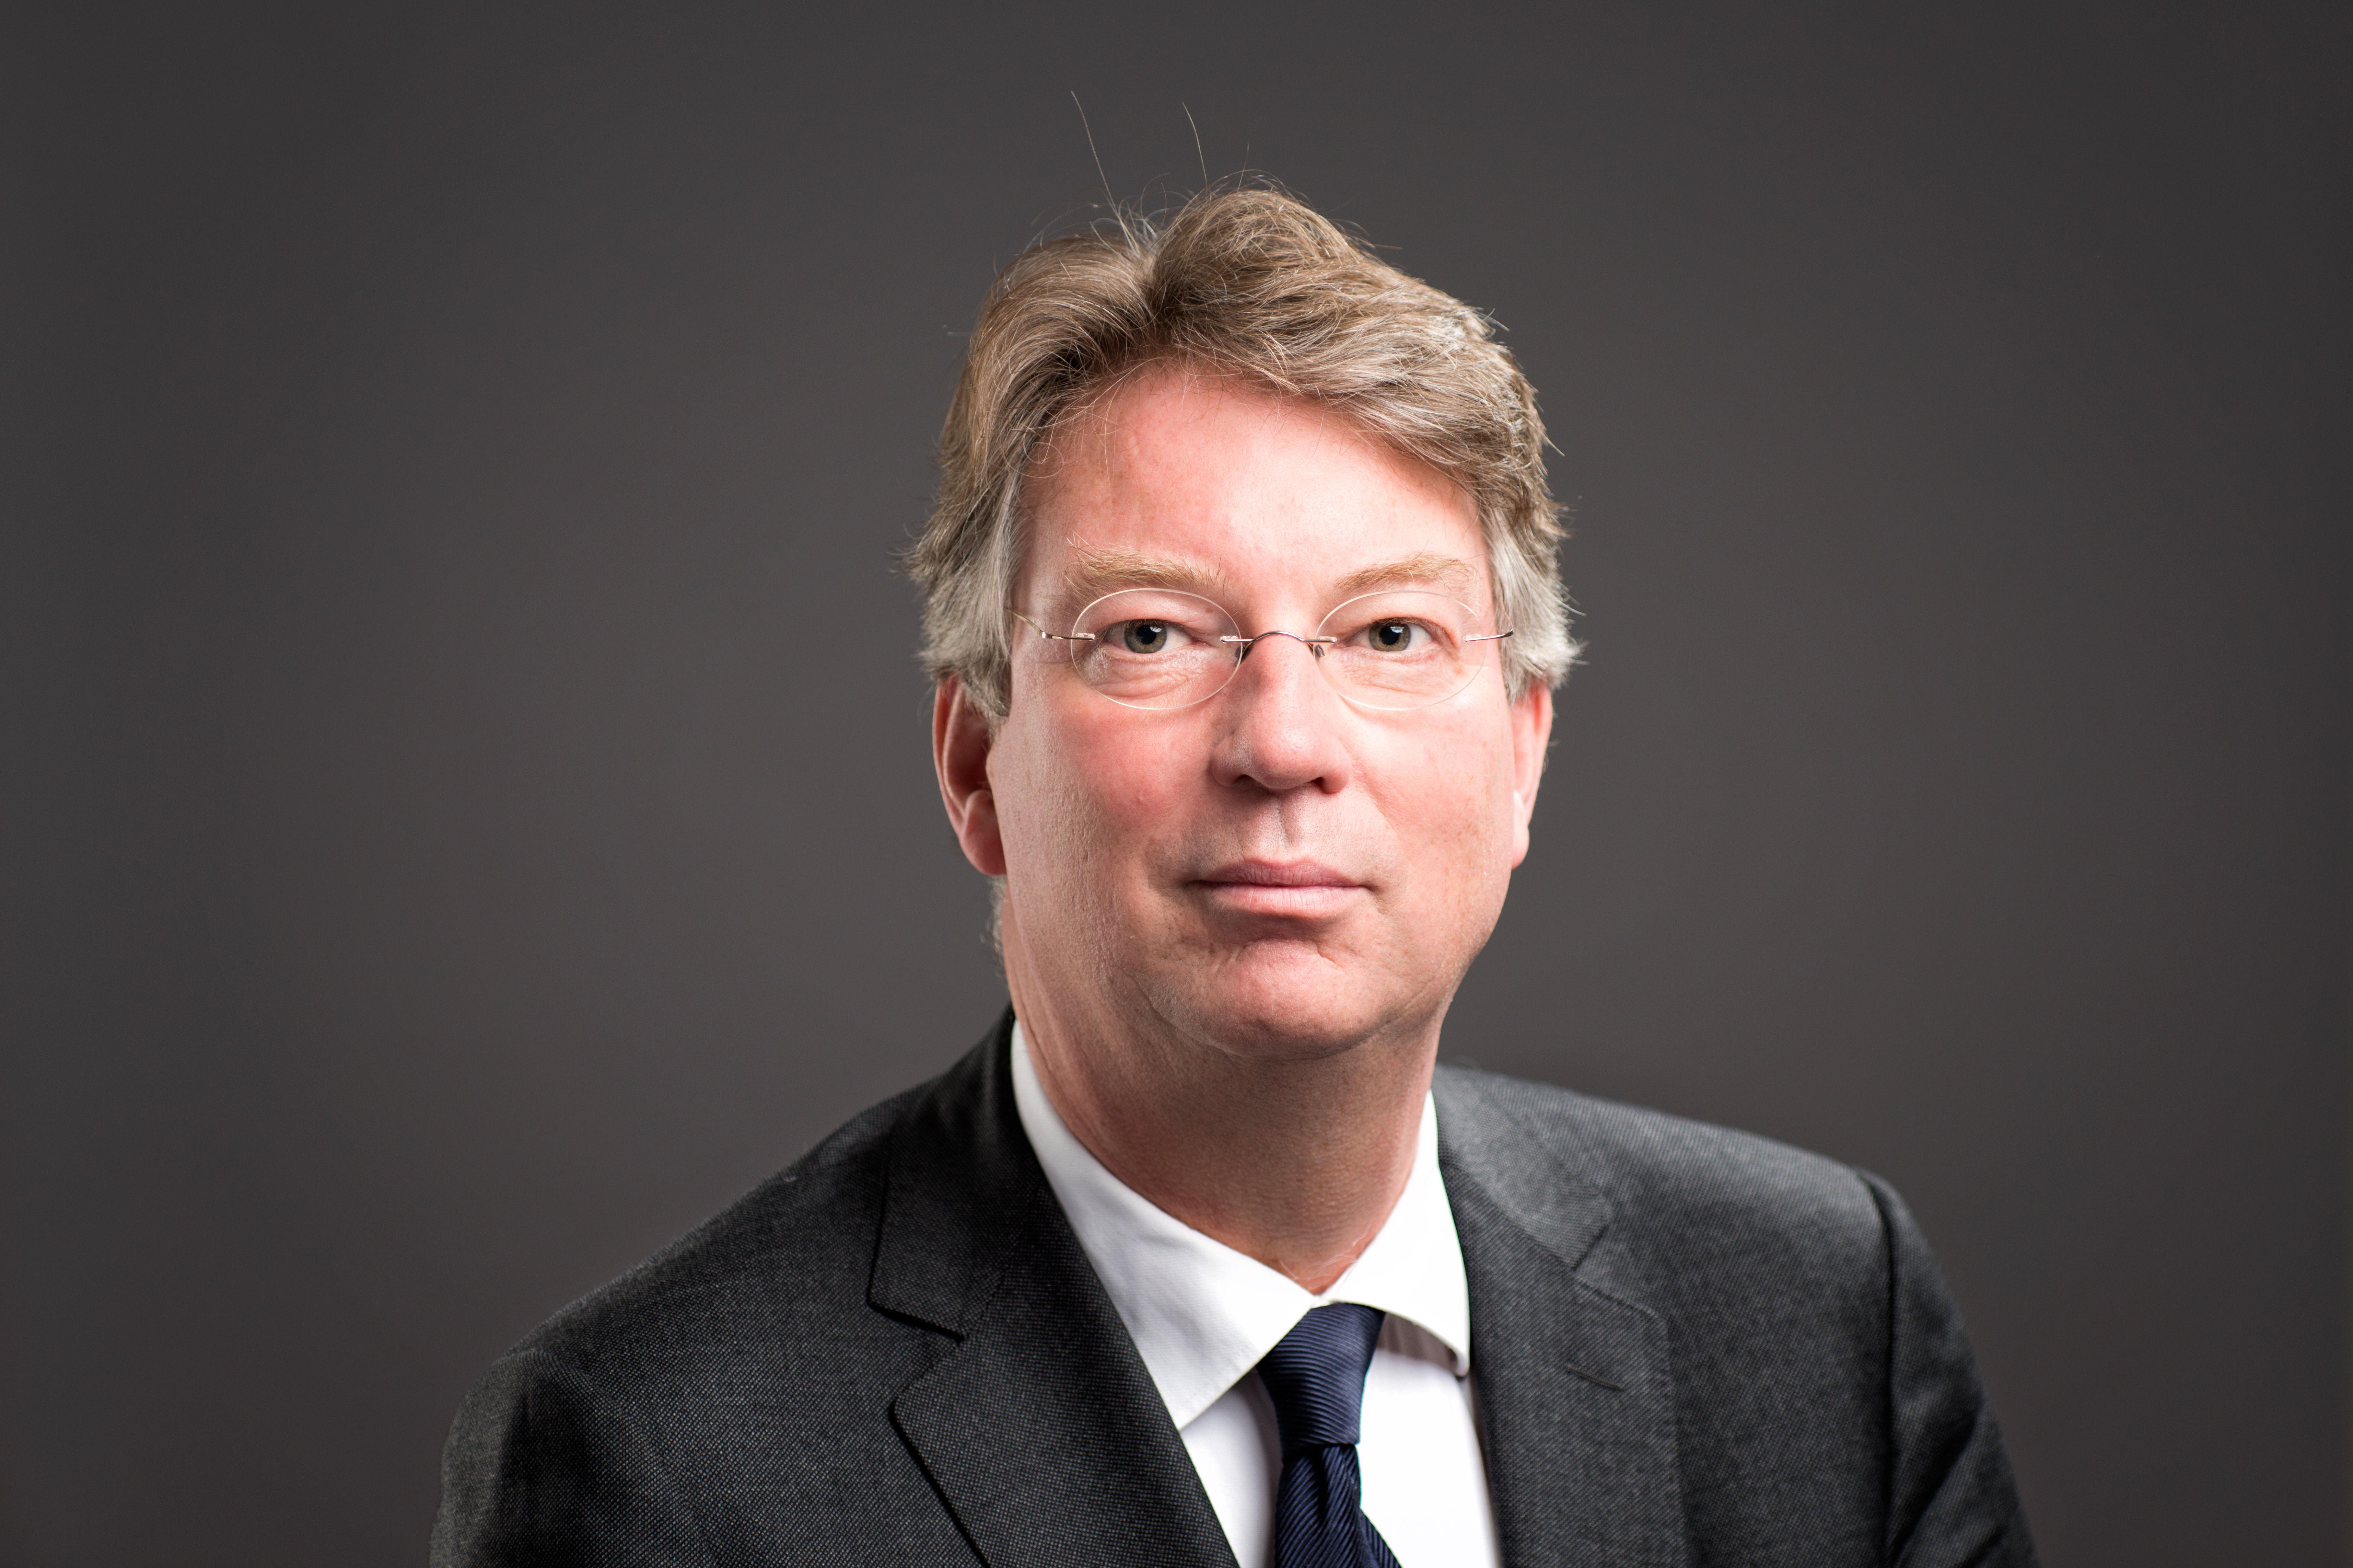 Arend Jan Boekestijn - Zijwaarts - Landscape - HR